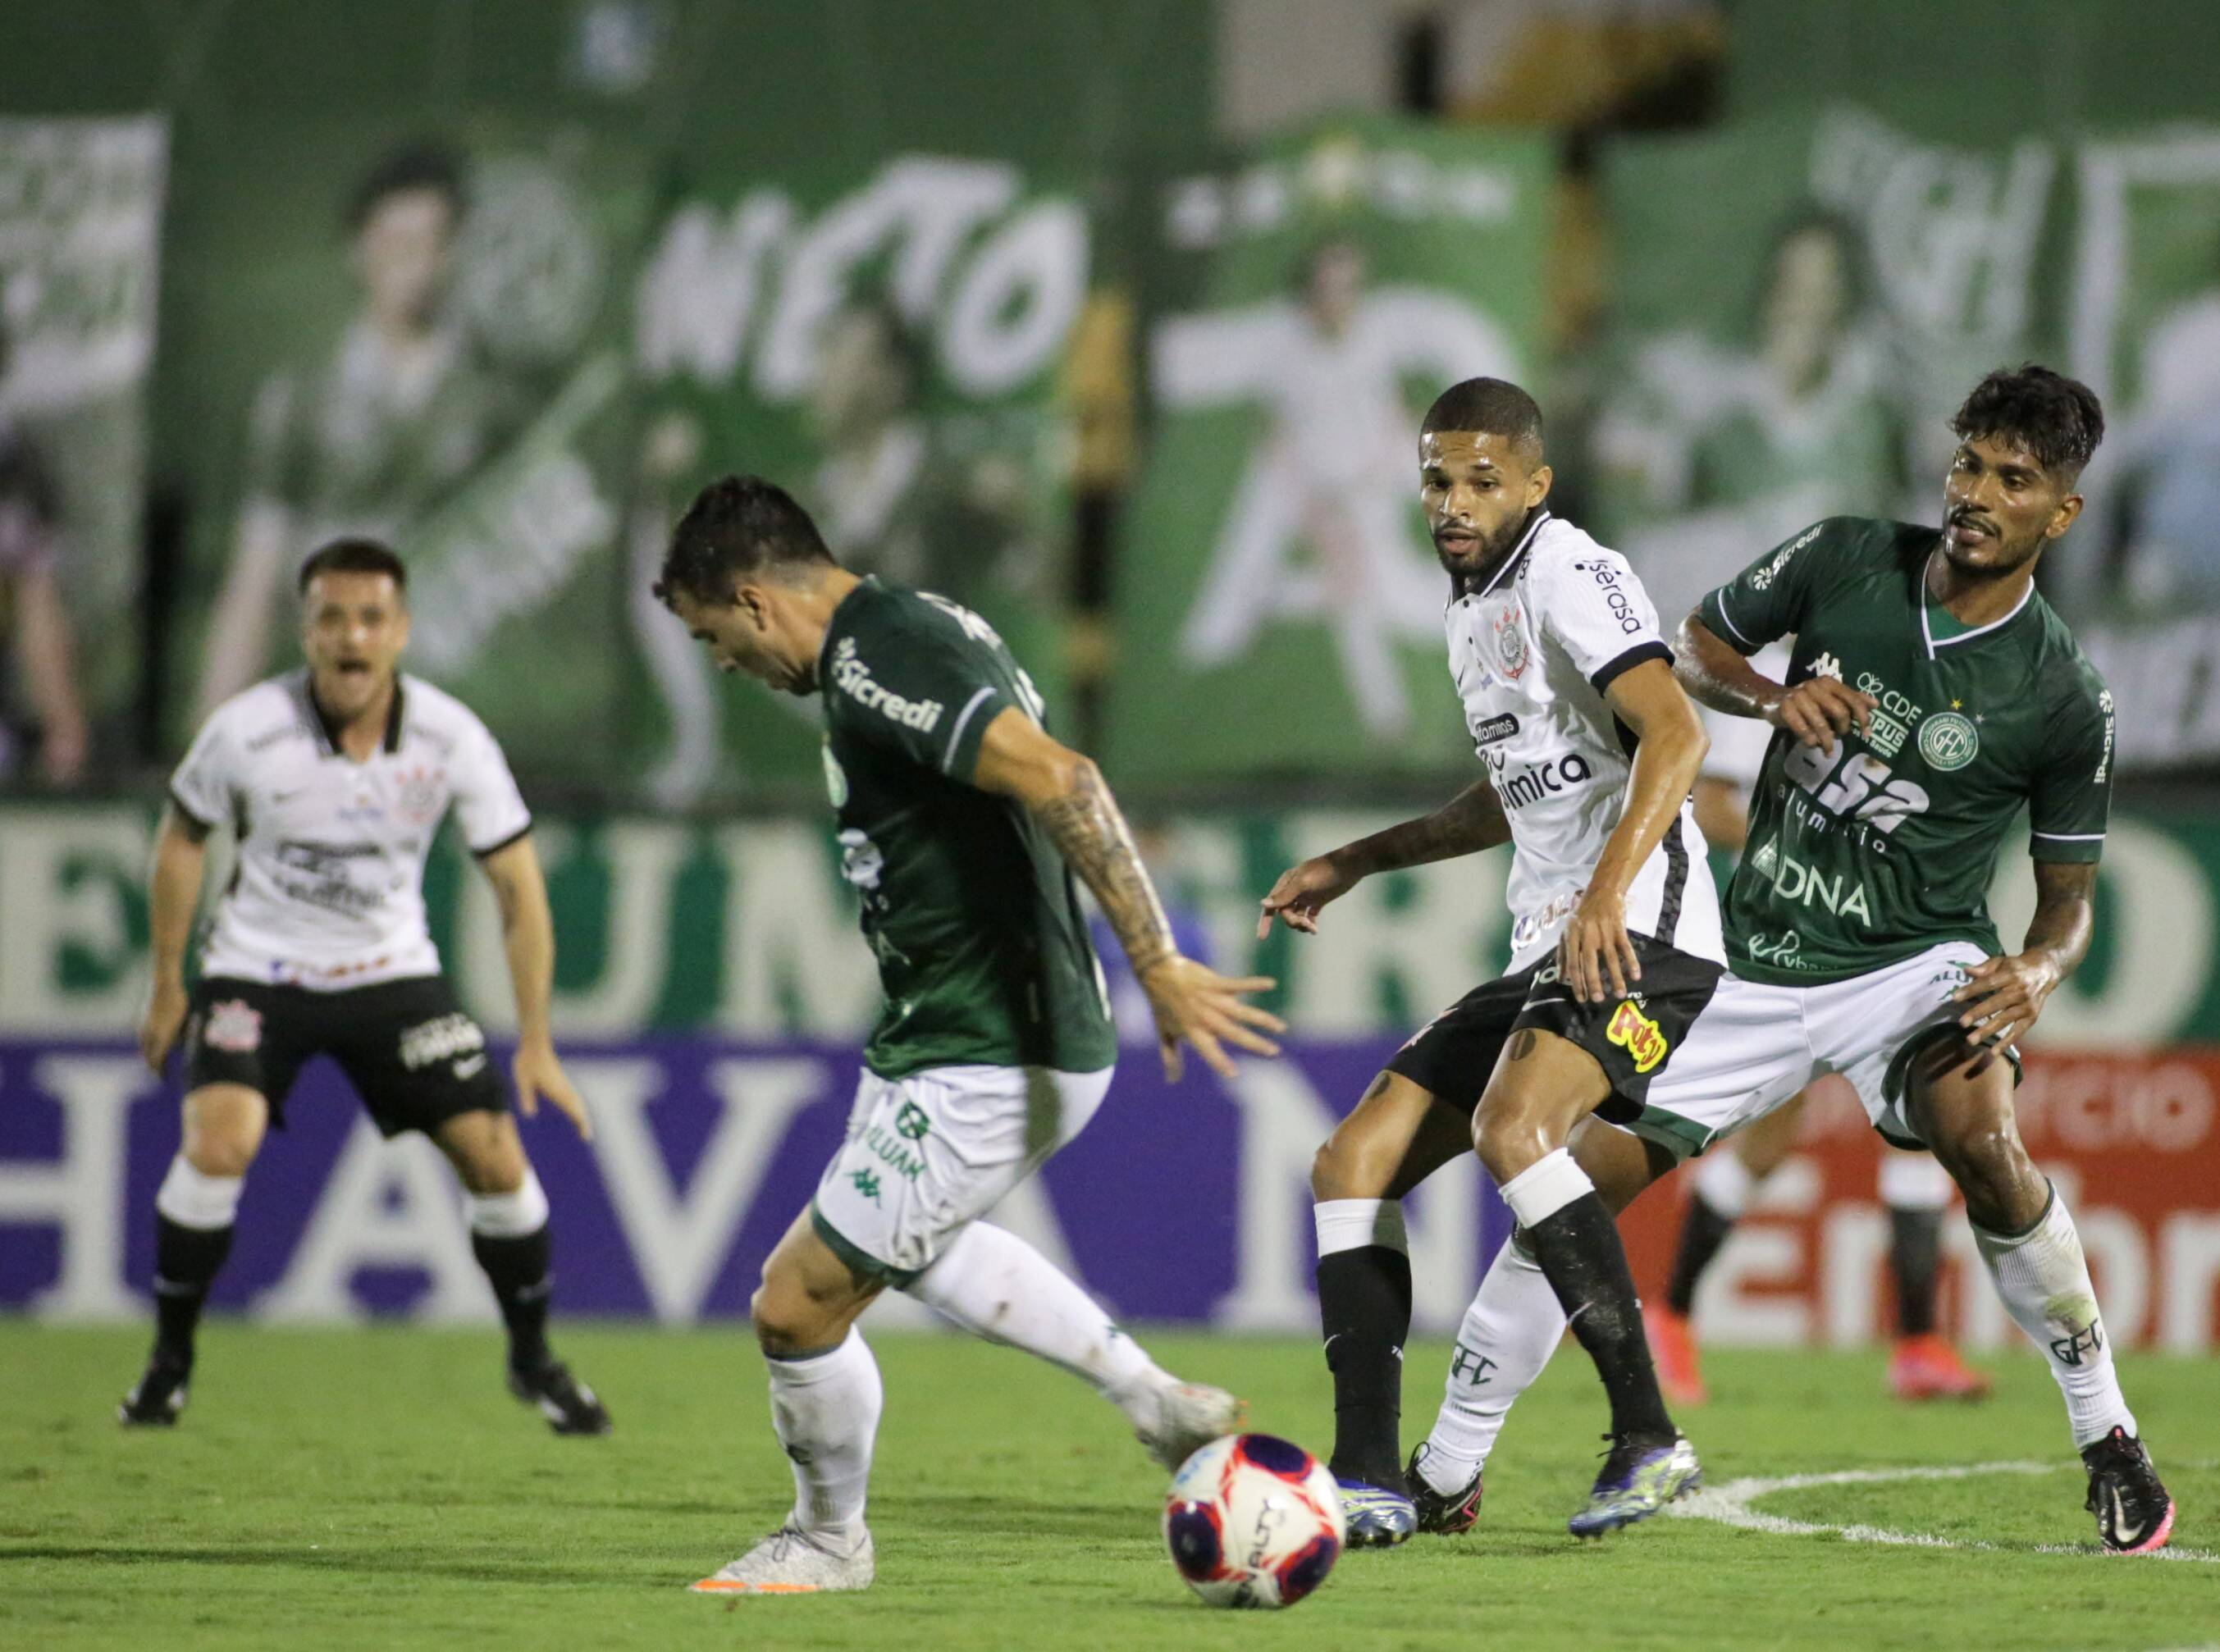 Foto: Rodrigo Coca/Agência Corinthians